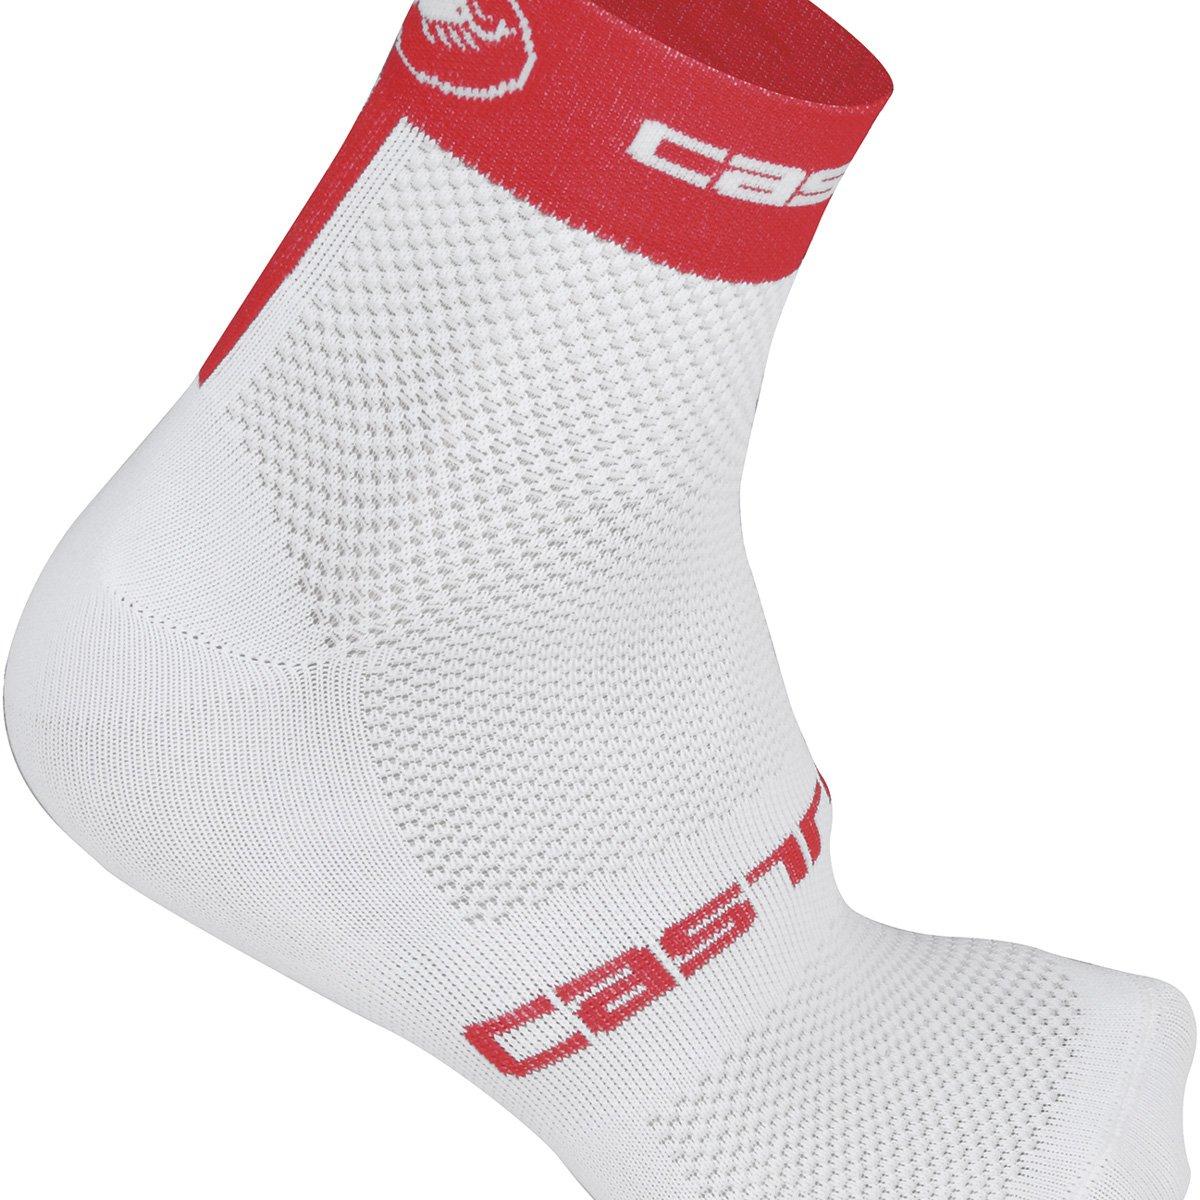 Castelli 2015 Free 3 Cycling Sock R14034